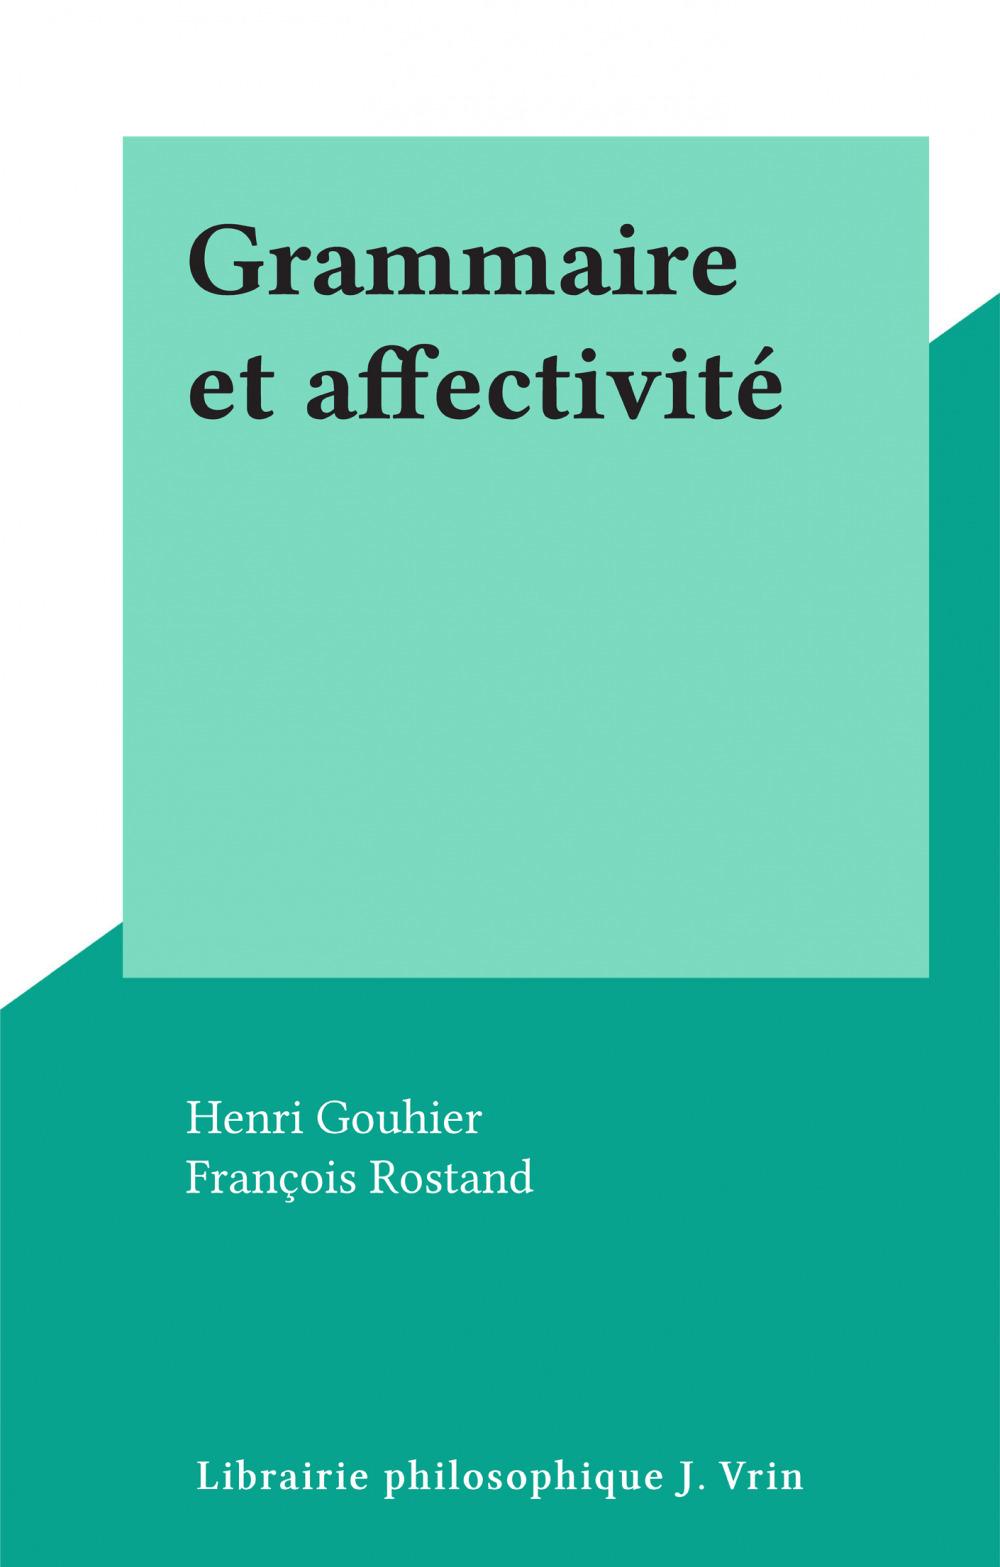 Grammaire et affectivité